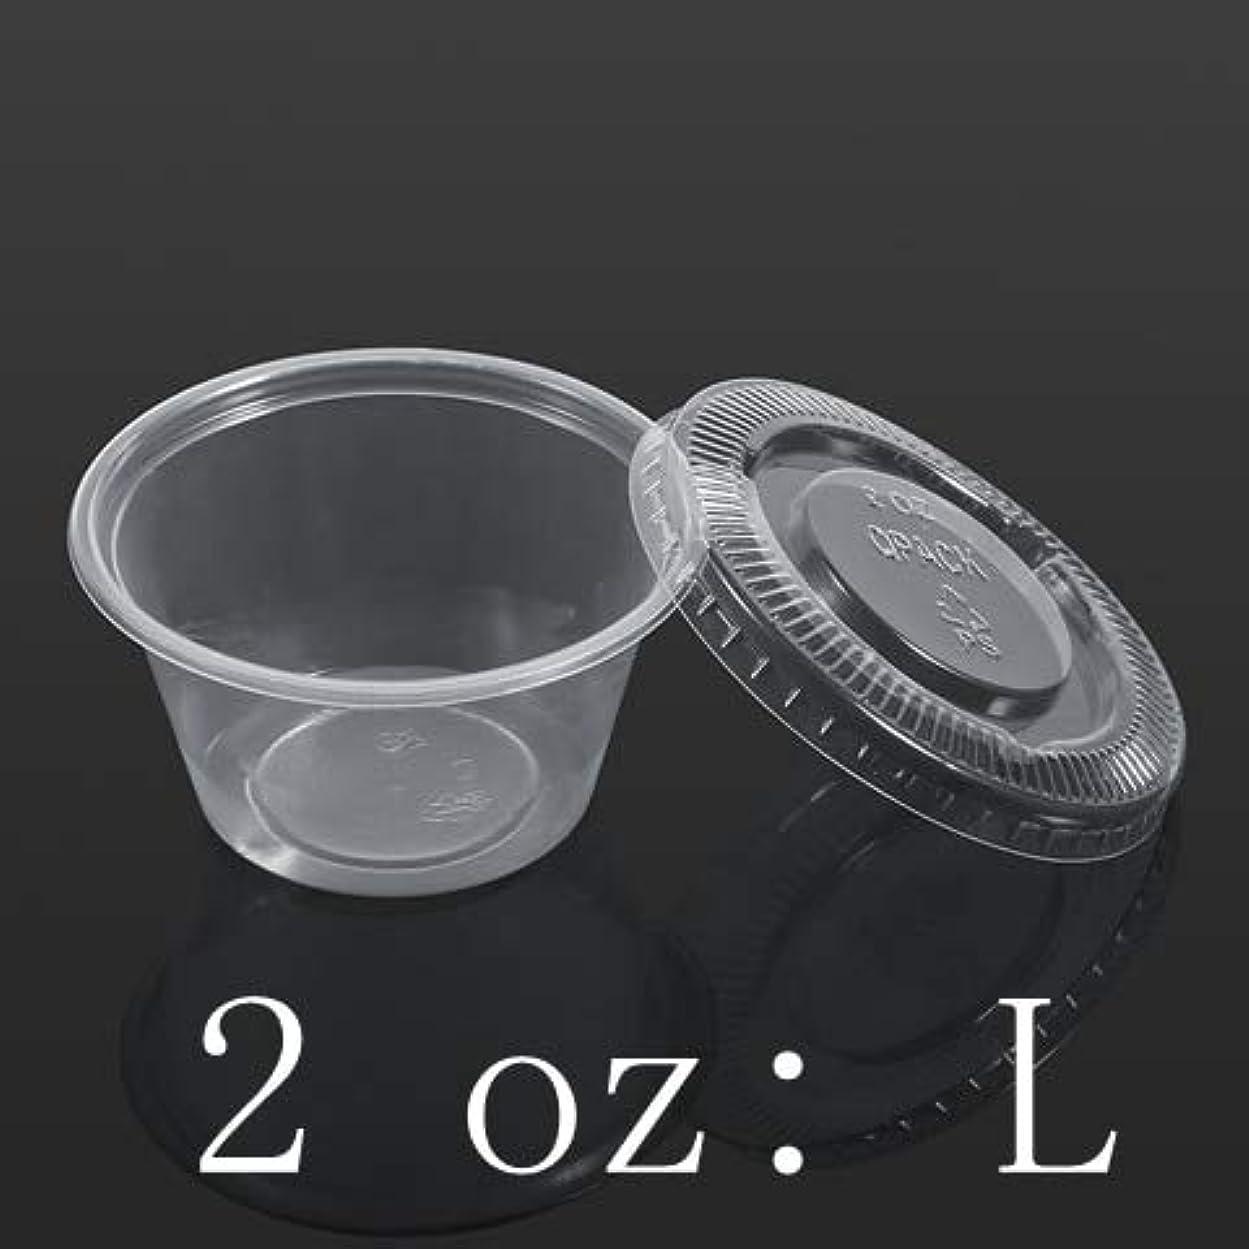 統合する待って行動Maxcrestas - 蓋食品テイクアウトでMaxcrestas - 50pcsの醤油カップ使い捨てのプラスチック製のクリアソースチャツネカップボックス